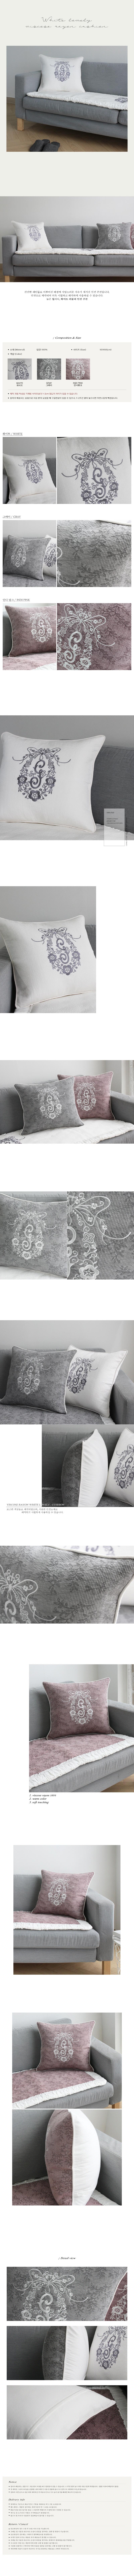 화이트러블리 인견 쿠션(솜포함) - 3color - 러그랜드, 38,400원, 청소도구, 밀대패드